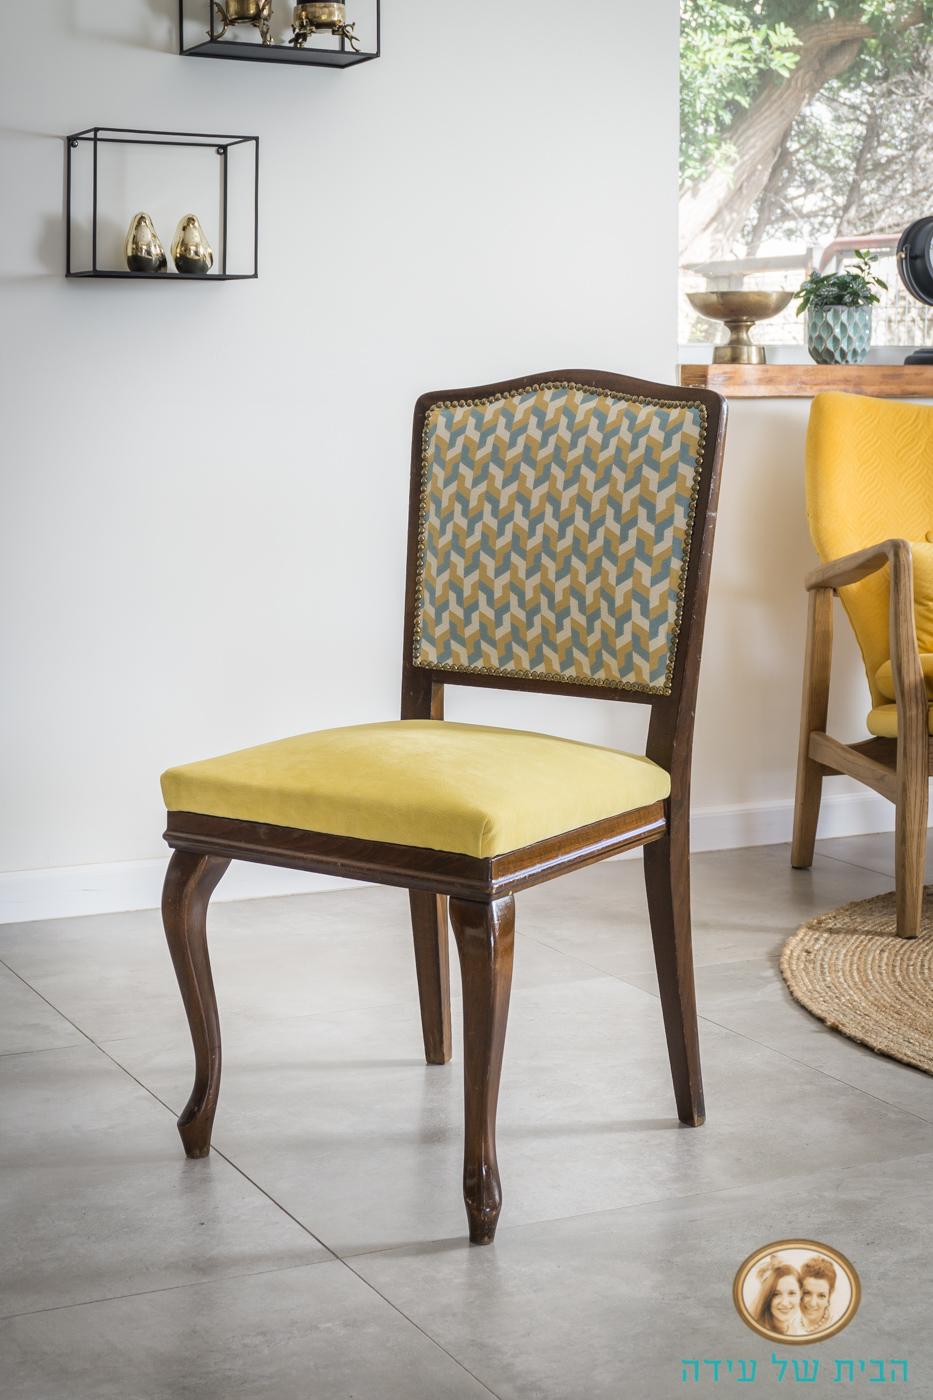 ריפוד כסאות